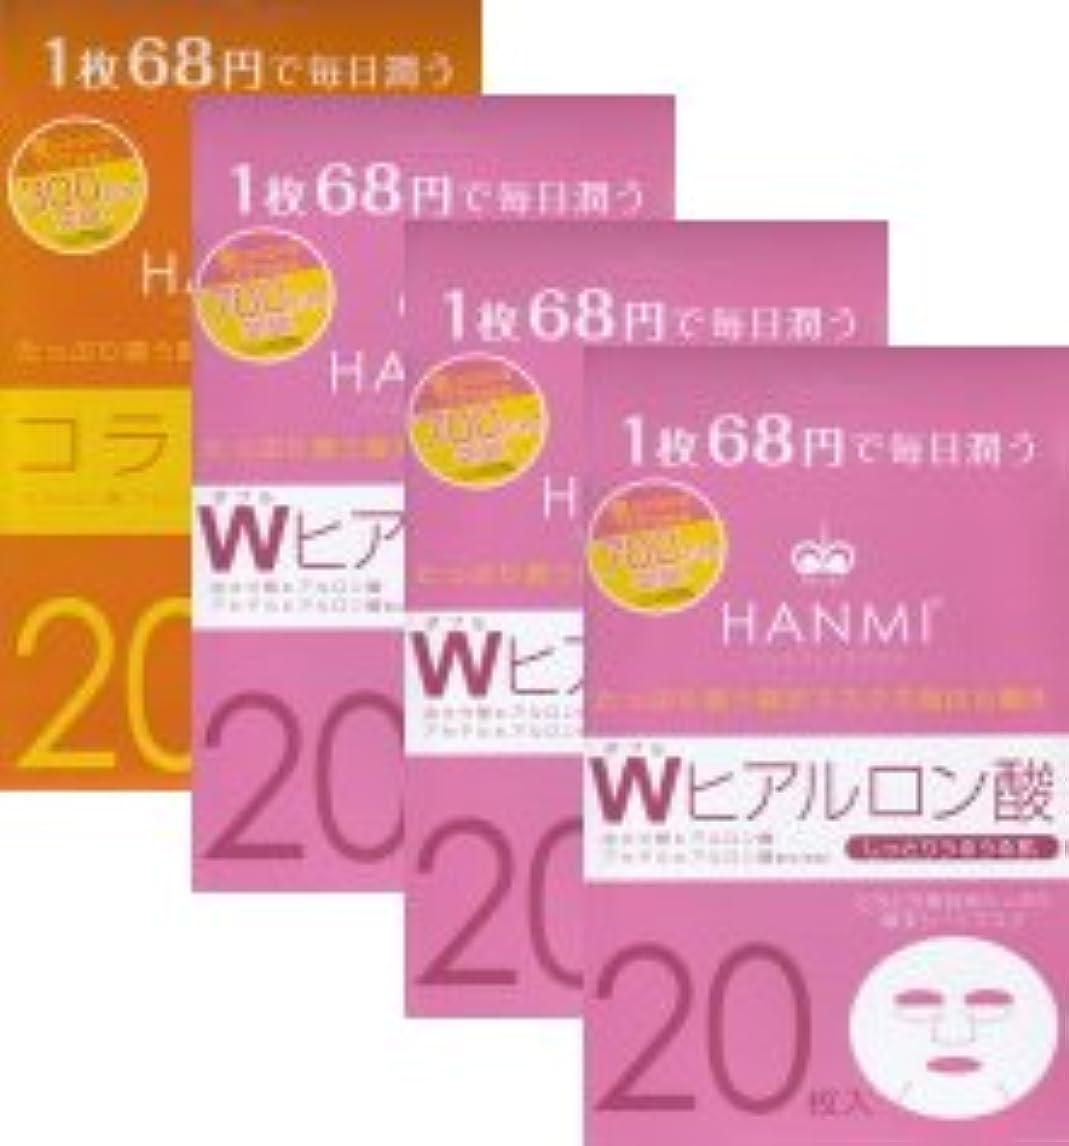 宇宙野心天才MIGAKI ハンミフェイスマスク(20枚入り)「コラーゲン×1個」「Wヒアルロン酸×3個」の4個セット